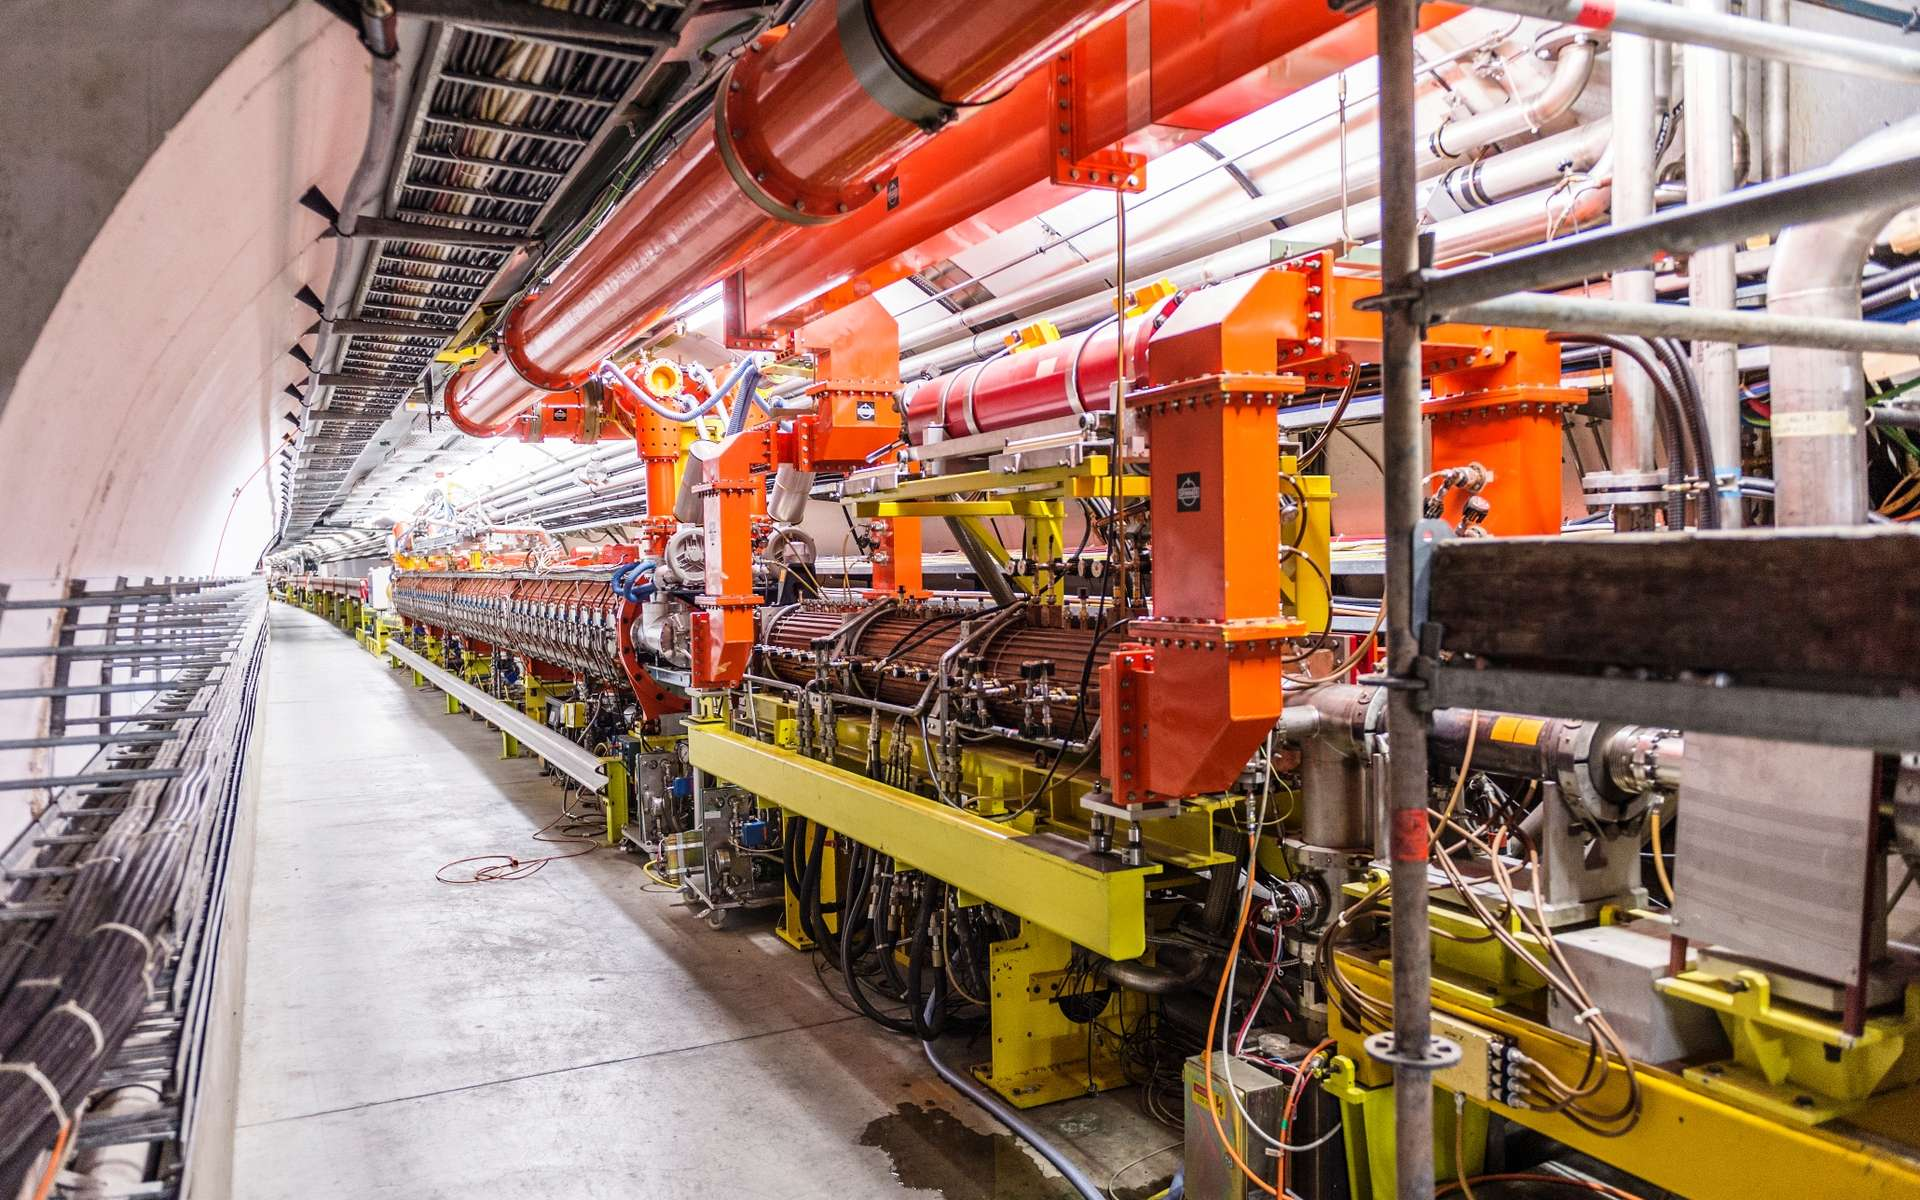 Une vue du Supersynchrotron à protons du Cern en 2013. C'est actuellement le second accélérateur de particules en taille après le LHC dans le monde. © Piotr Traczyk